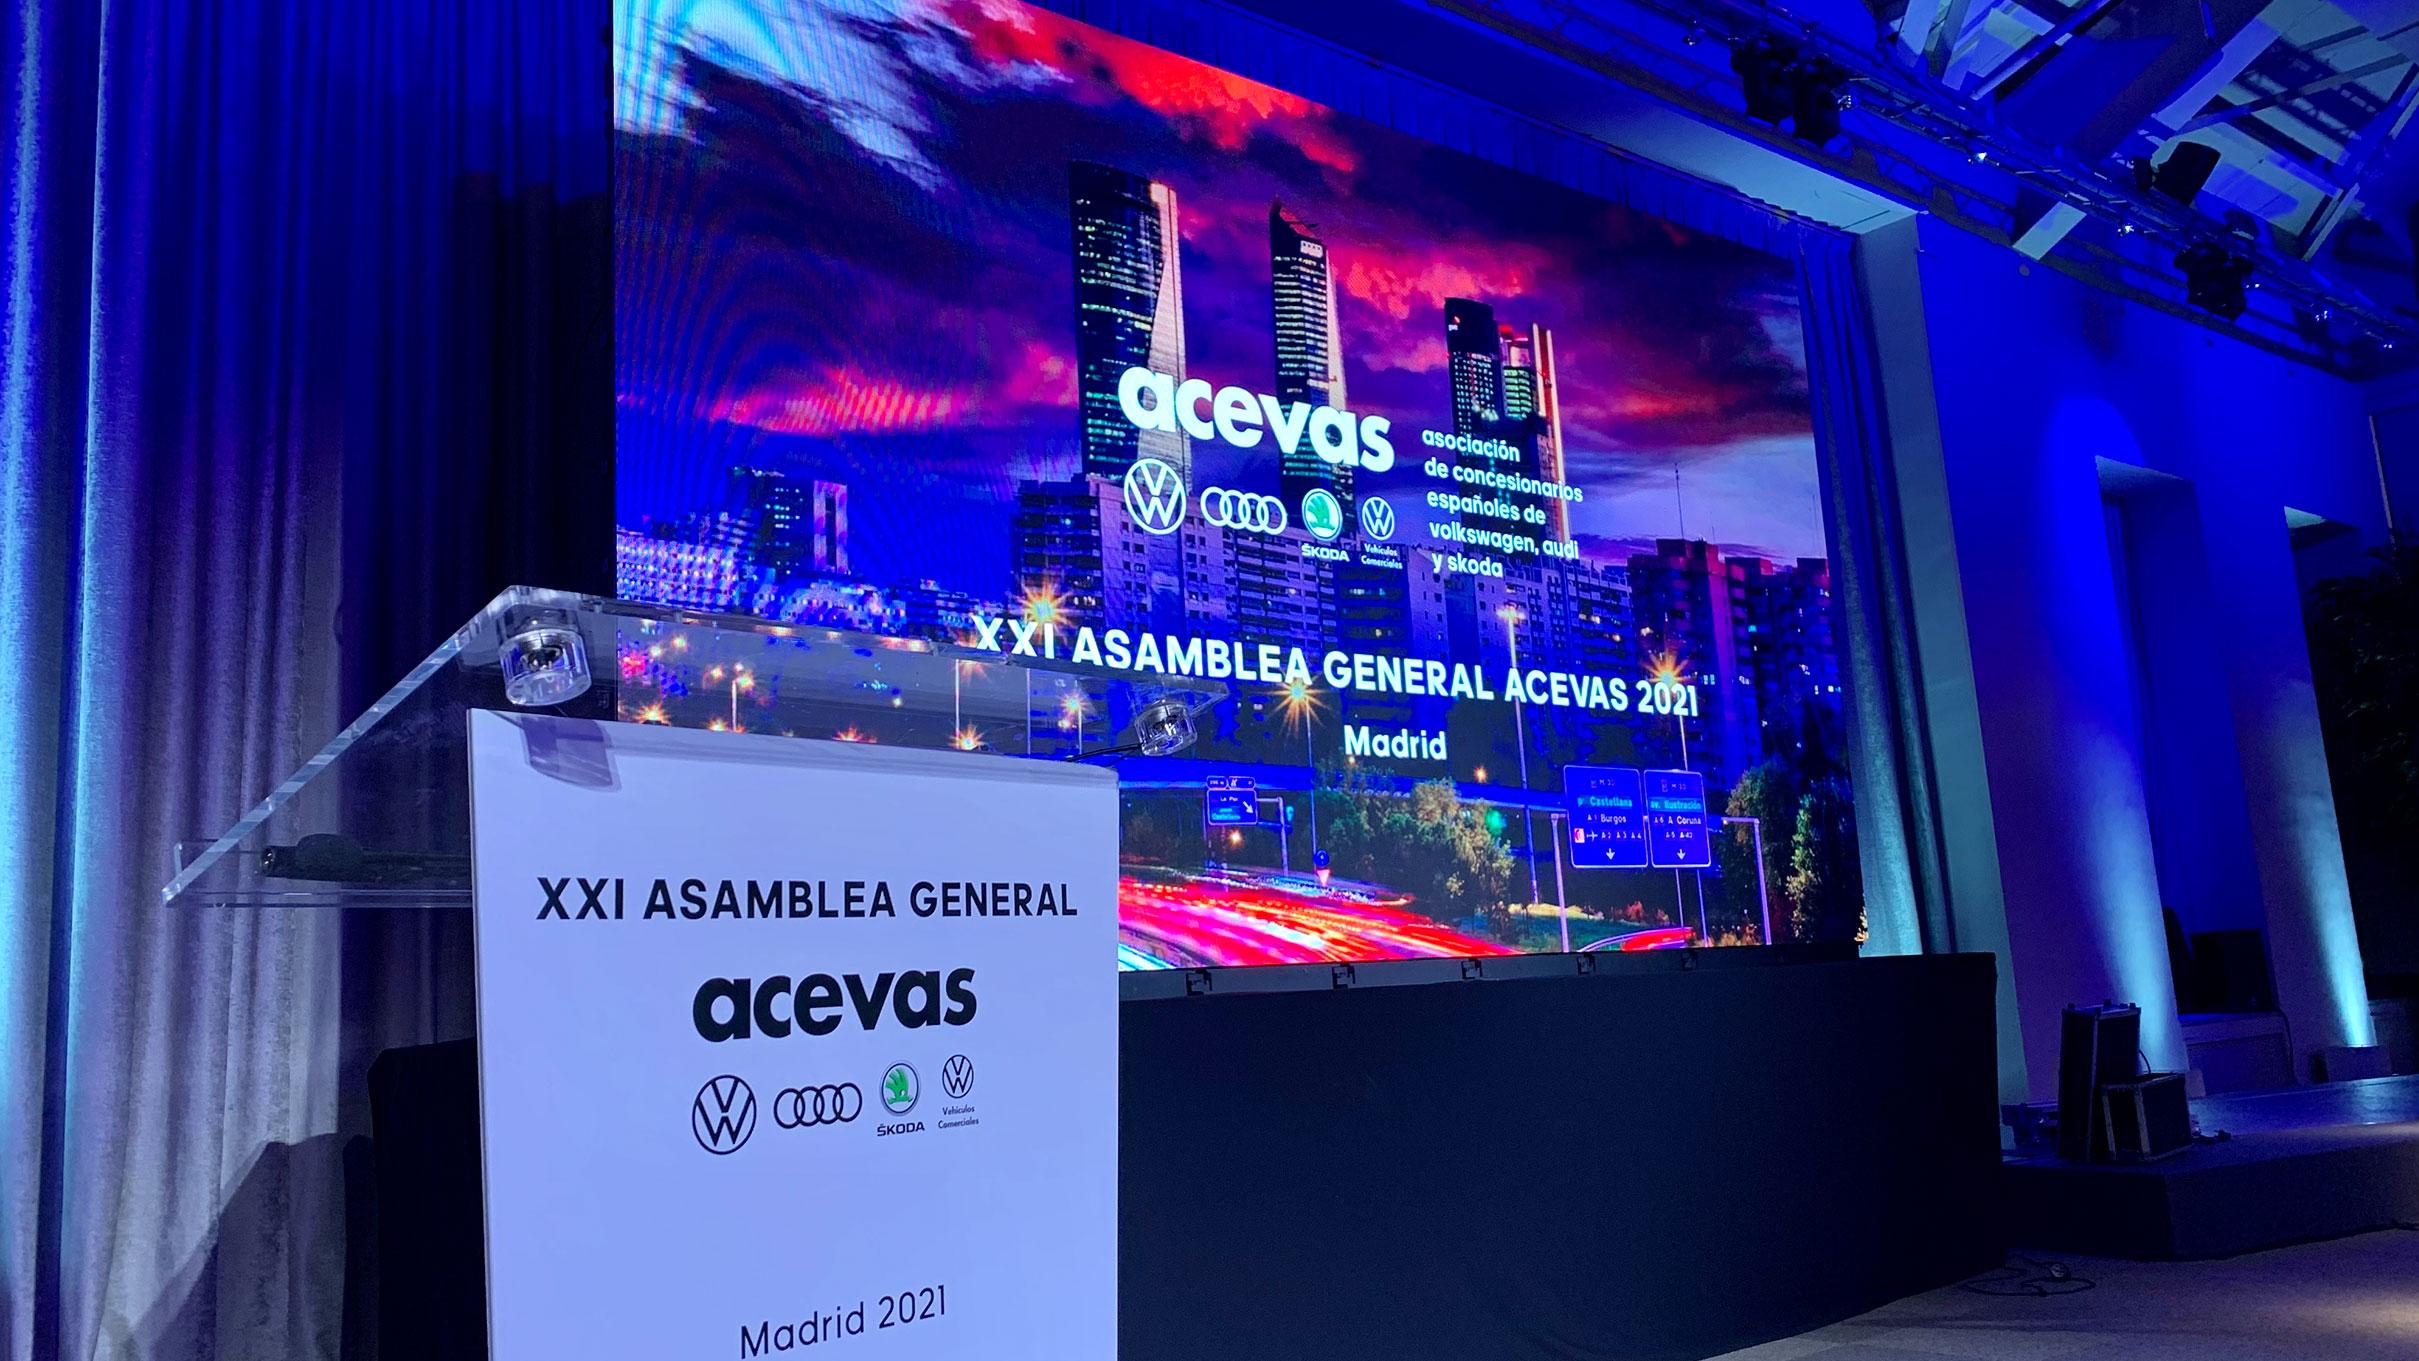 acevas-madrid-2021_01